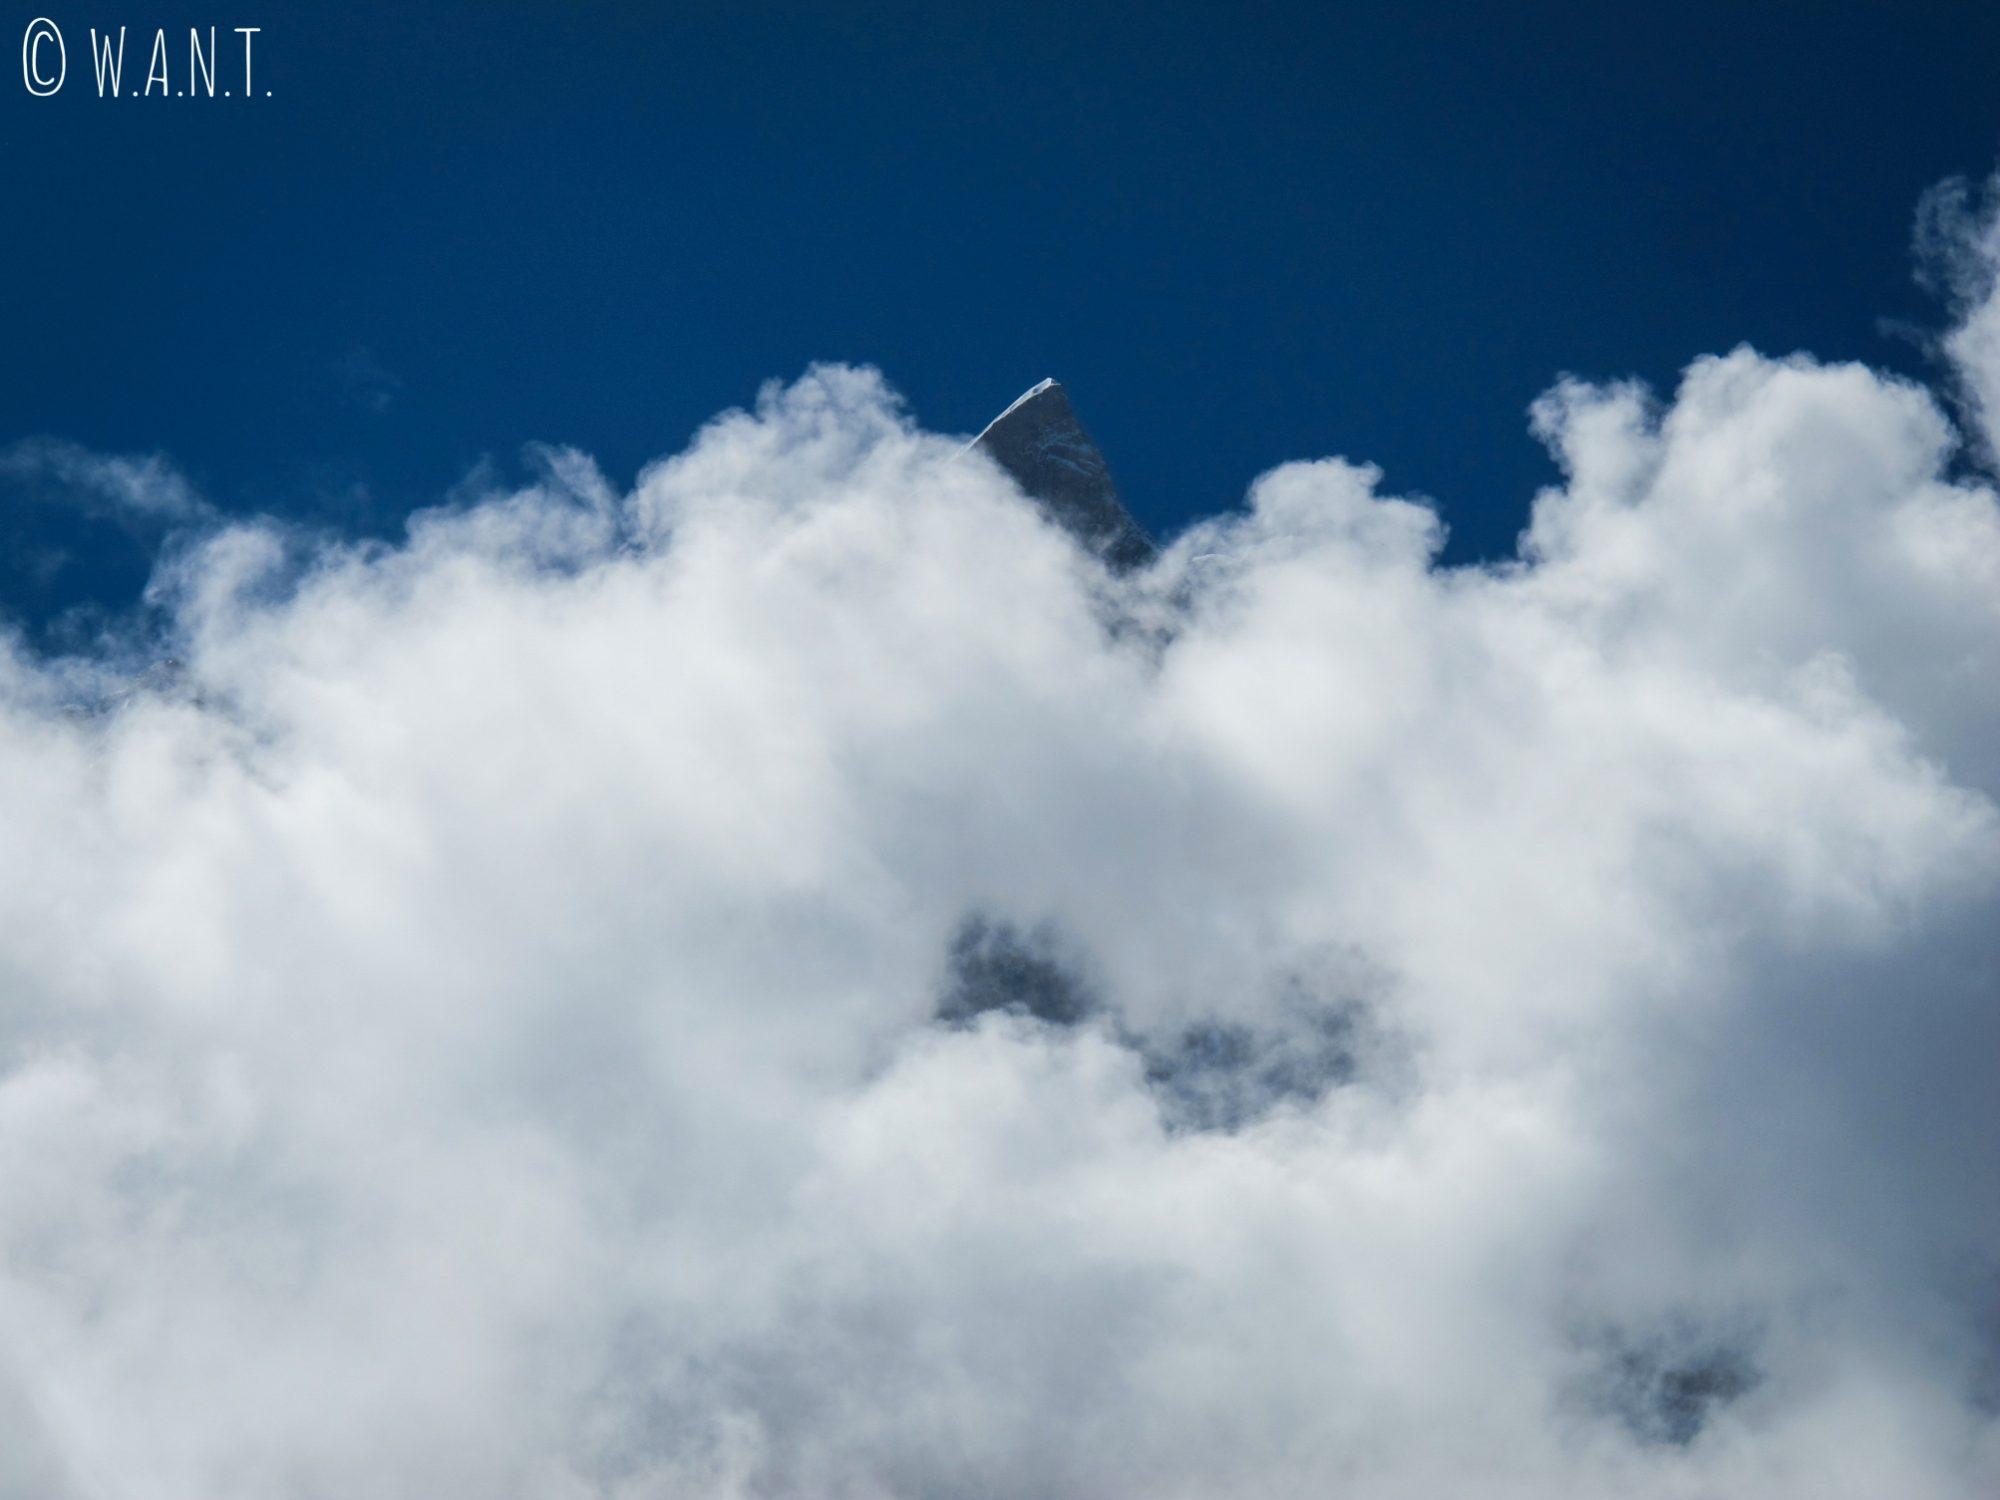 On distingue difficilement le Machhapuchhre au milieu de tous ces nuages